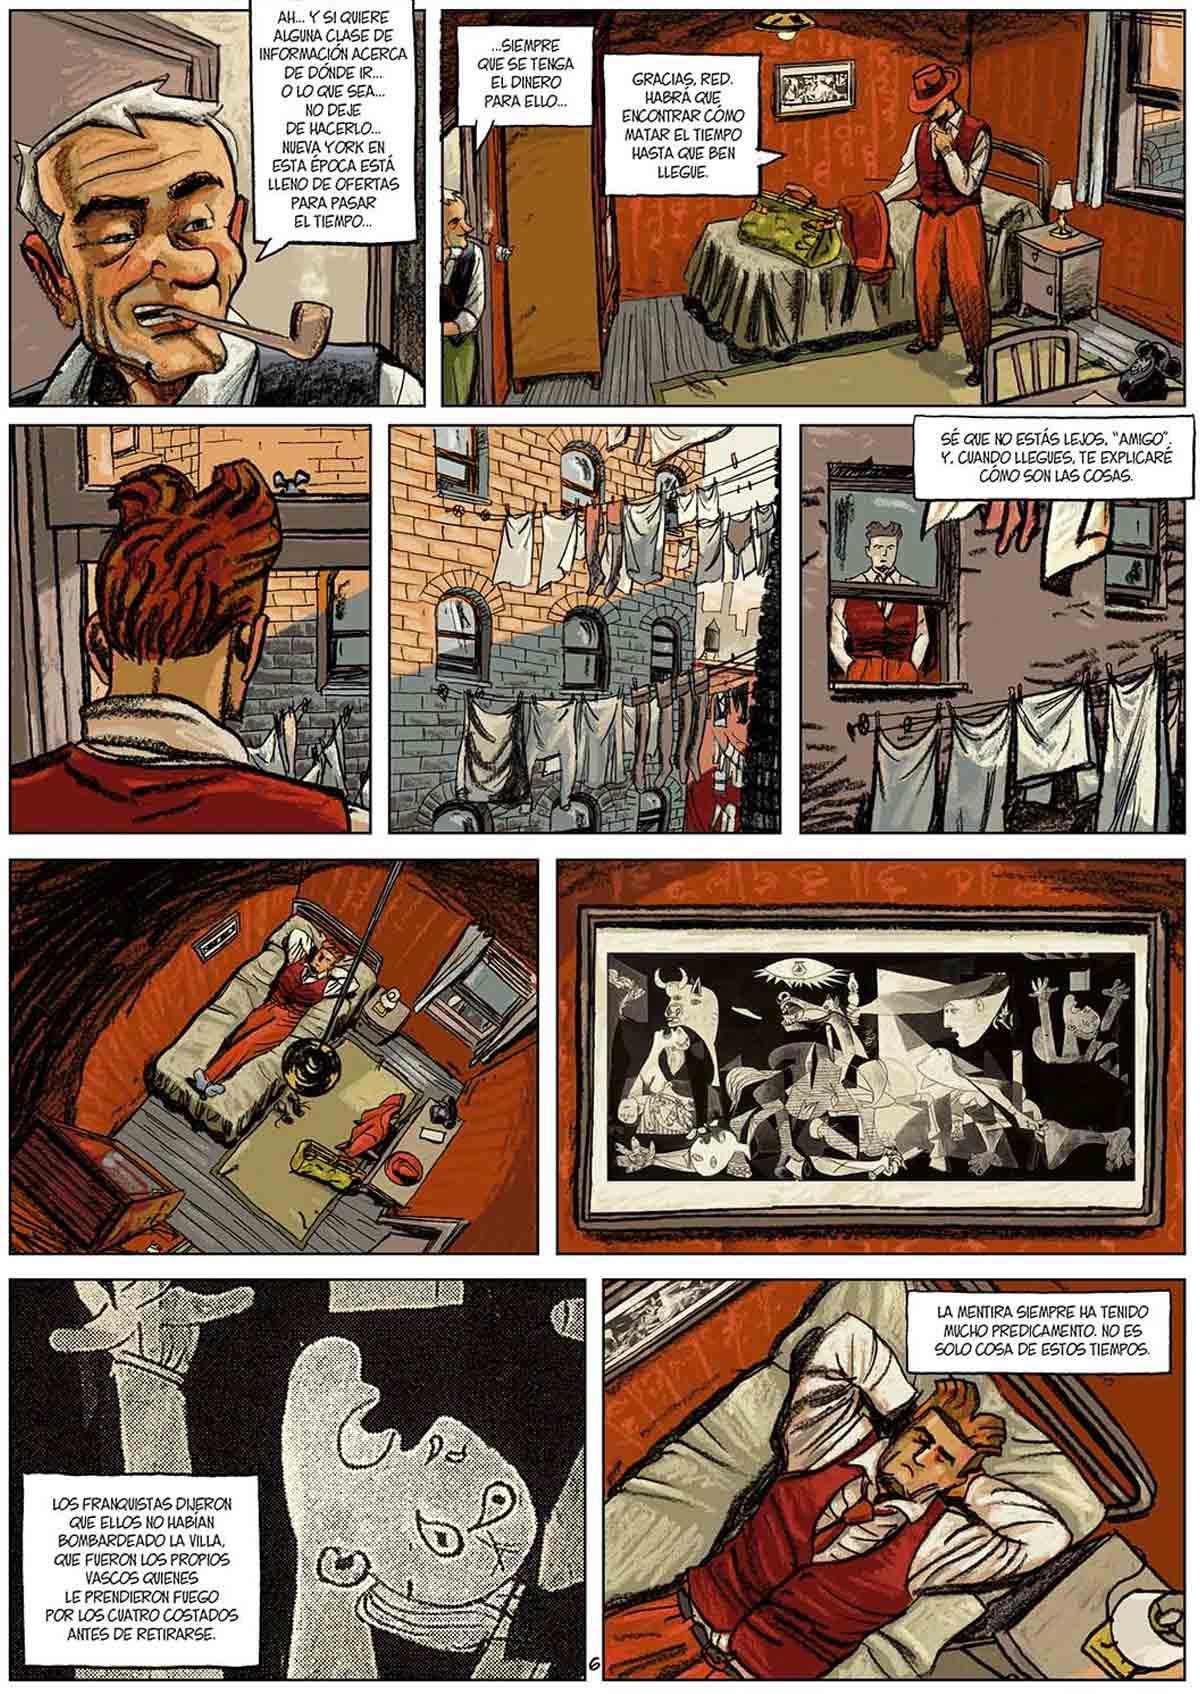 Golem-Comics-Las-serpientes-ciegas-03